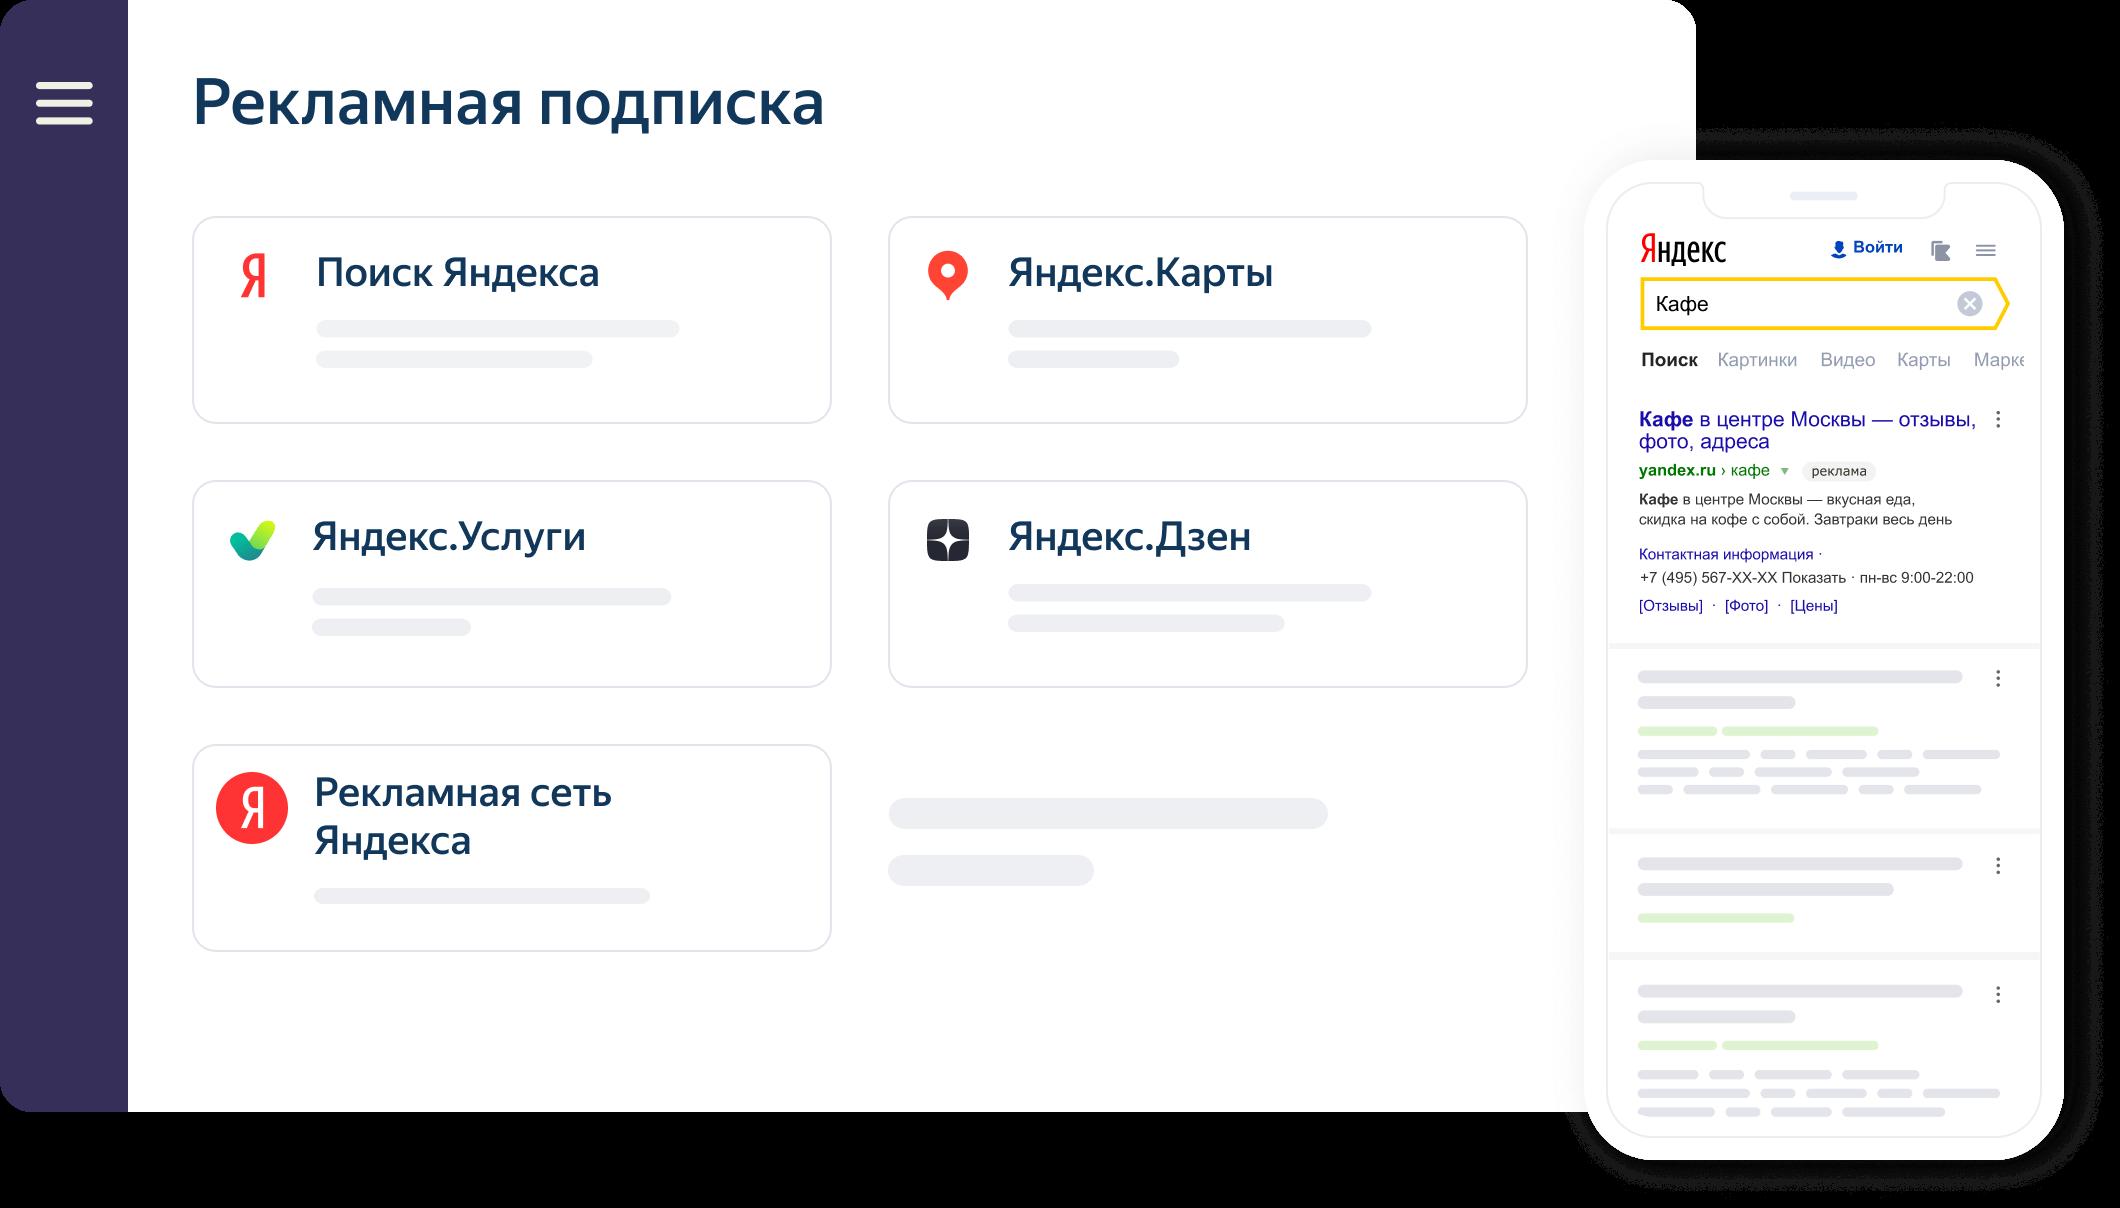 Рекламная подписка в Яндекс.Бизнес